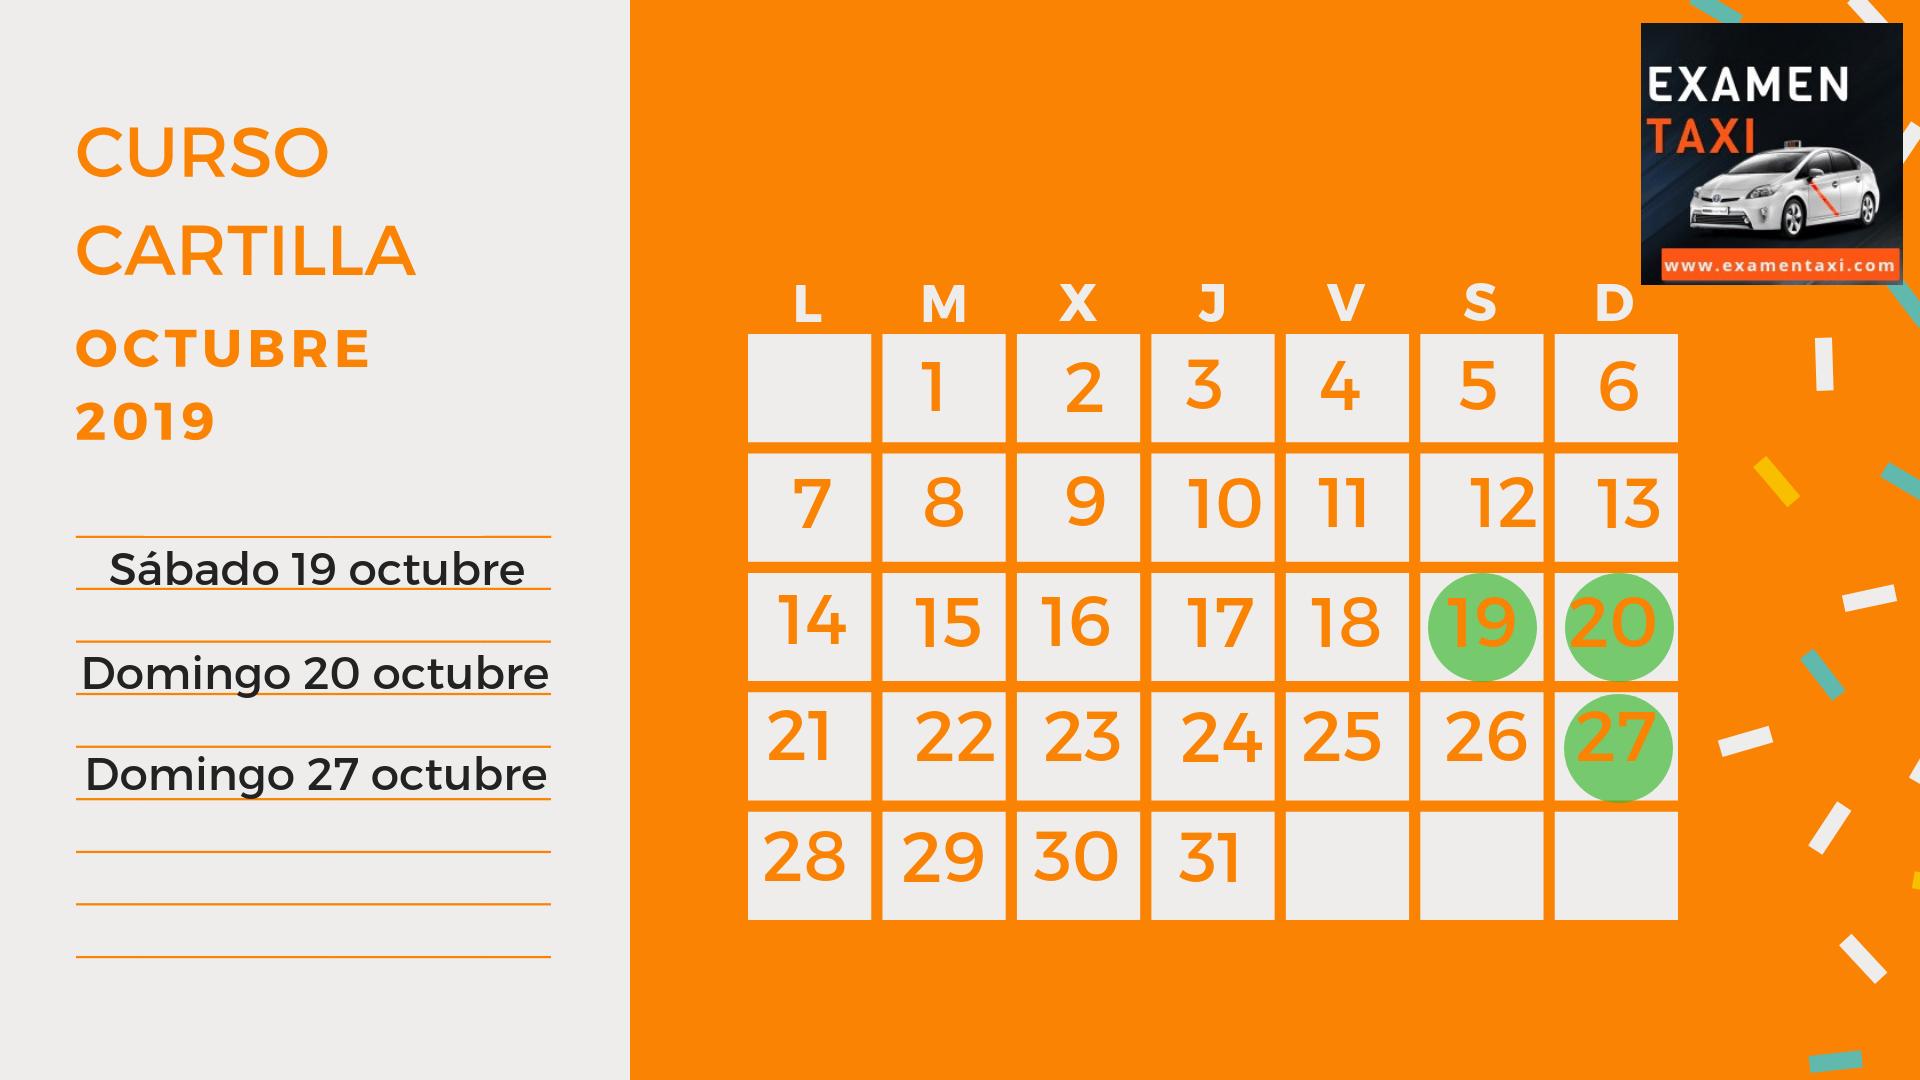 calendario curso cartilla taxi octubre 2019